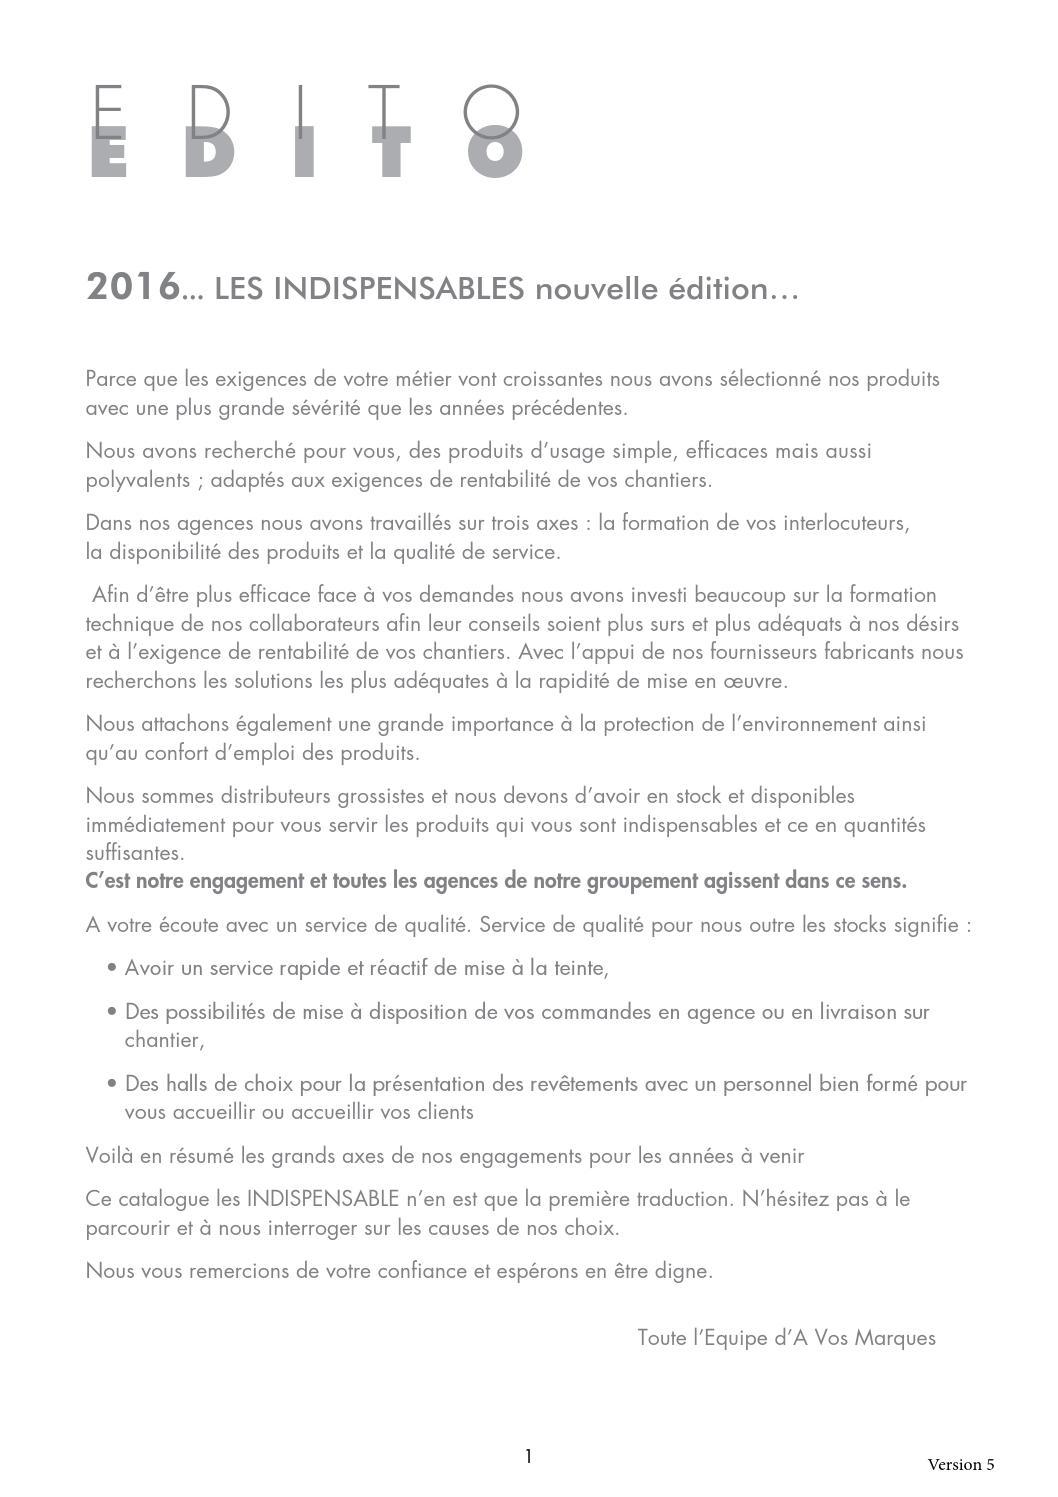 Diot Les Indispensables Catalogue By Antone Colonna Césari